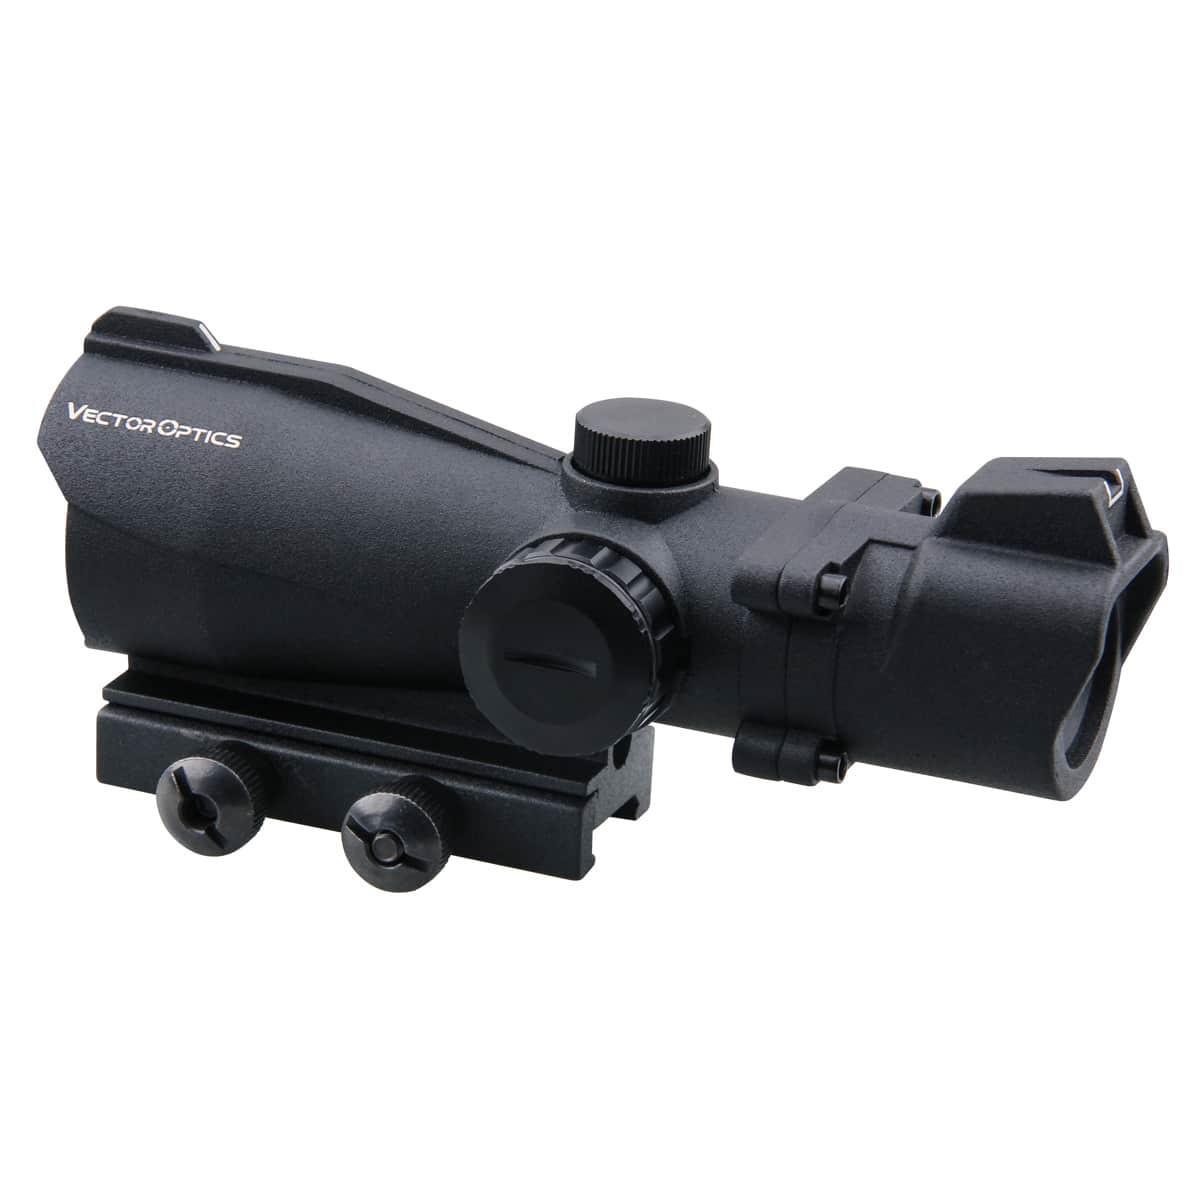 Vector Optics SCRD-03 Condor 2x42